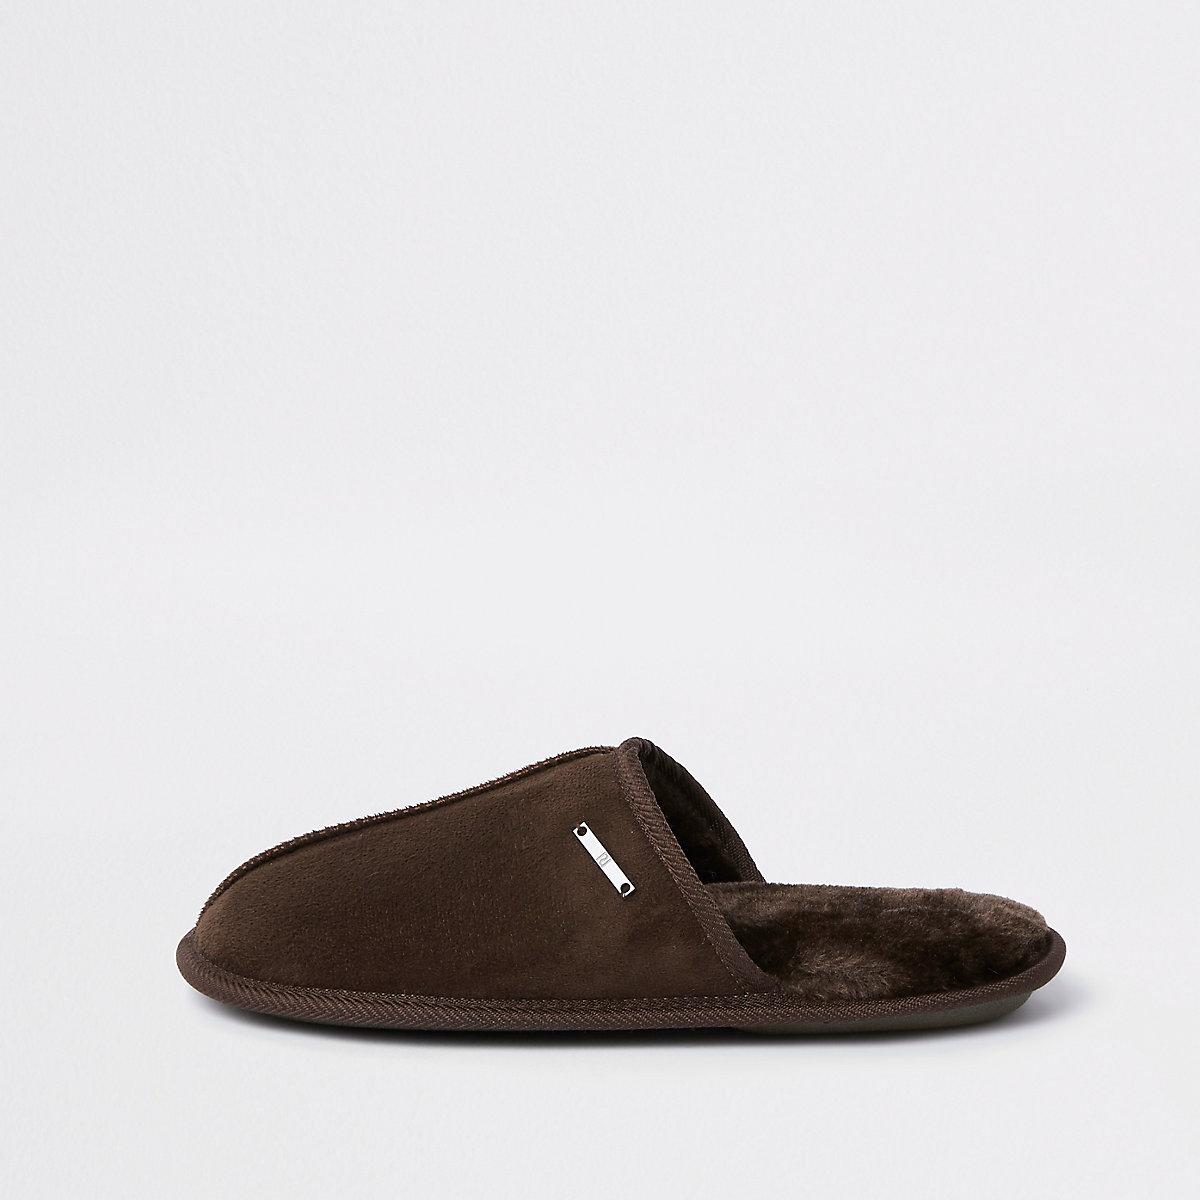 Dark brown mule slippers